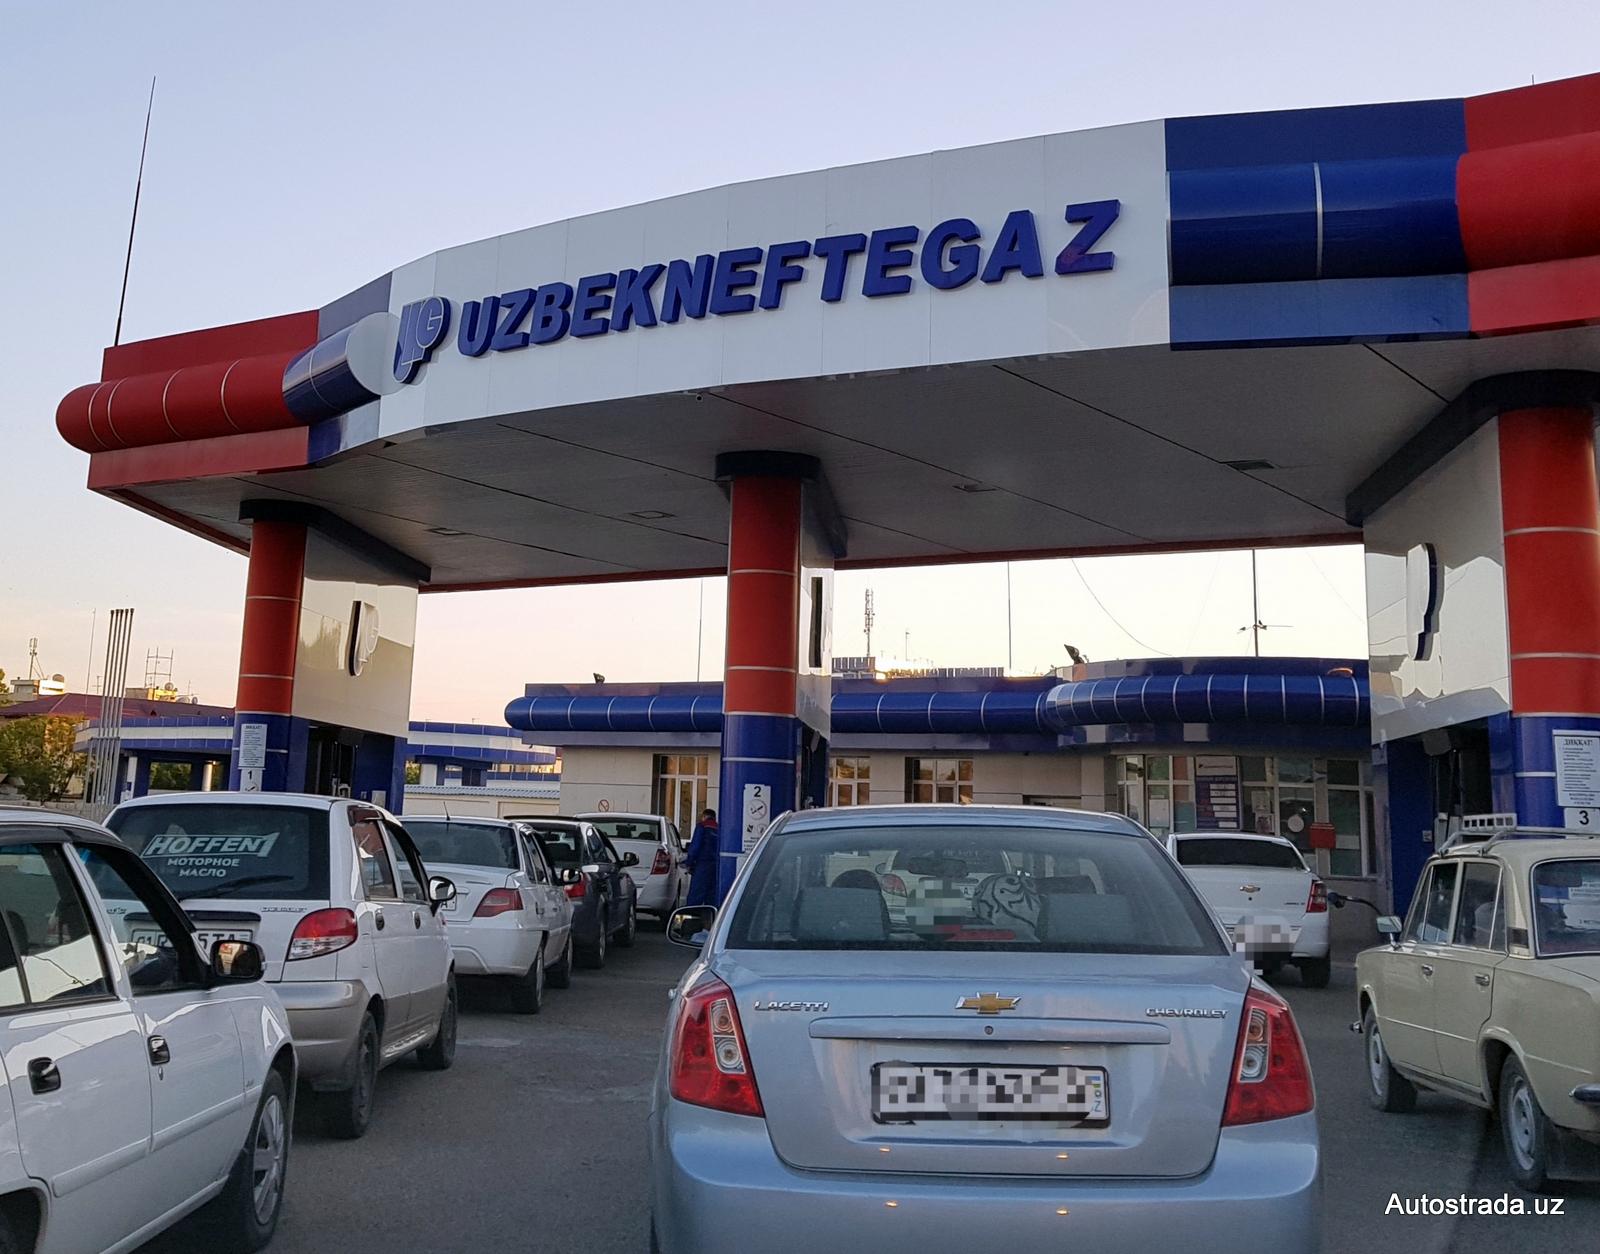 Очередь за бензином на заправке UNG АЗС в Ташкенте